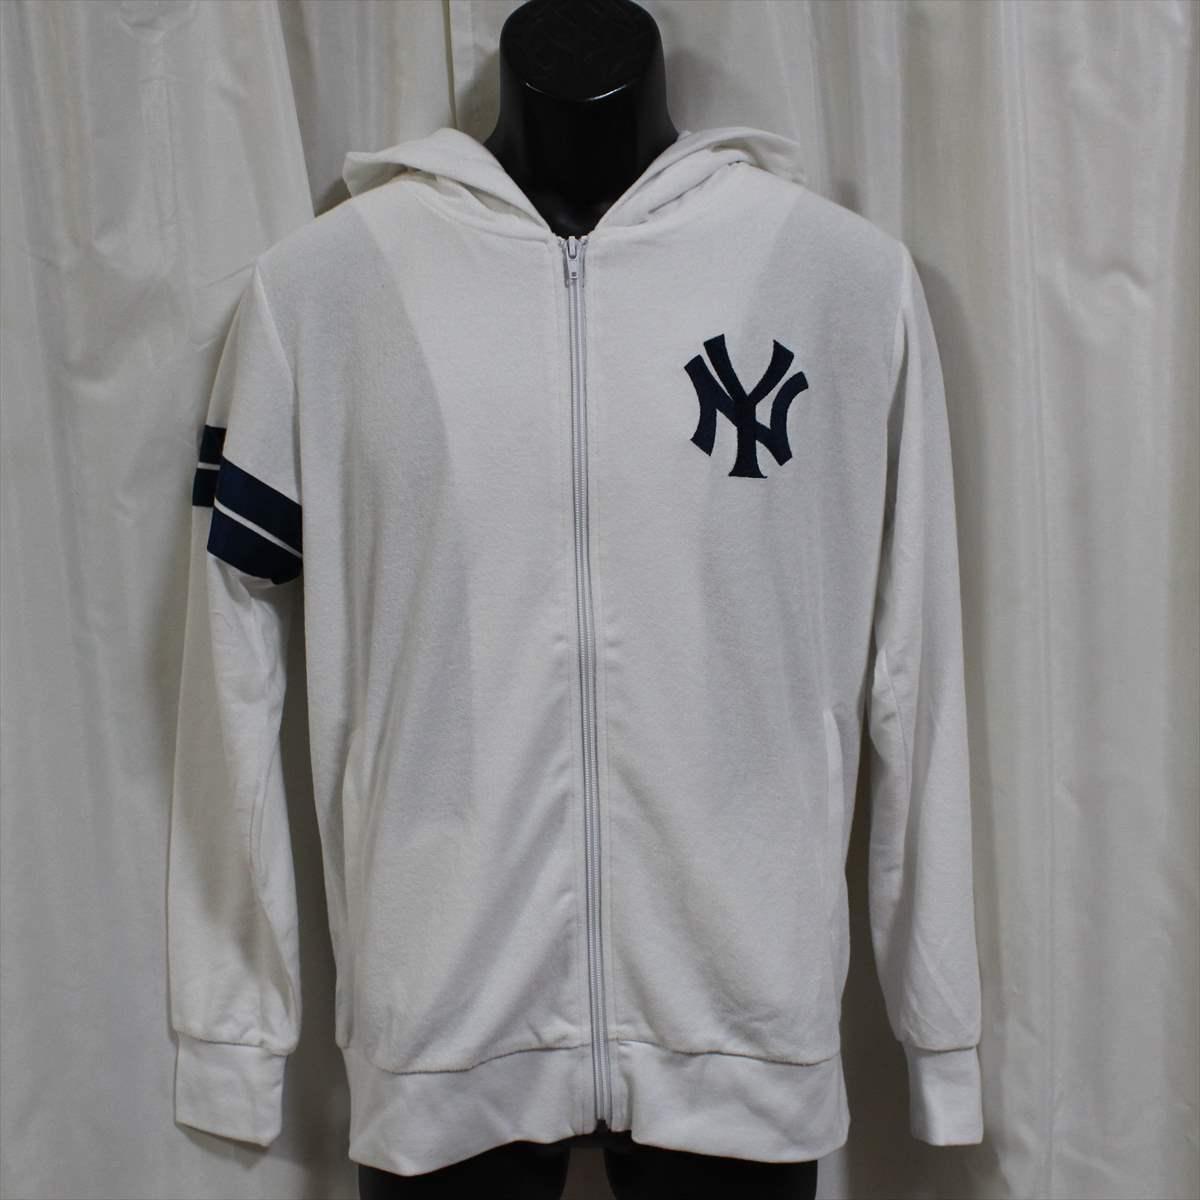 Majestic マジェスティック パーカー ホワイト Mサイズ 新品 白 ニューヨークヤンキース NEW YORK YANKEES フーディー フルジップ パイル地_画像1